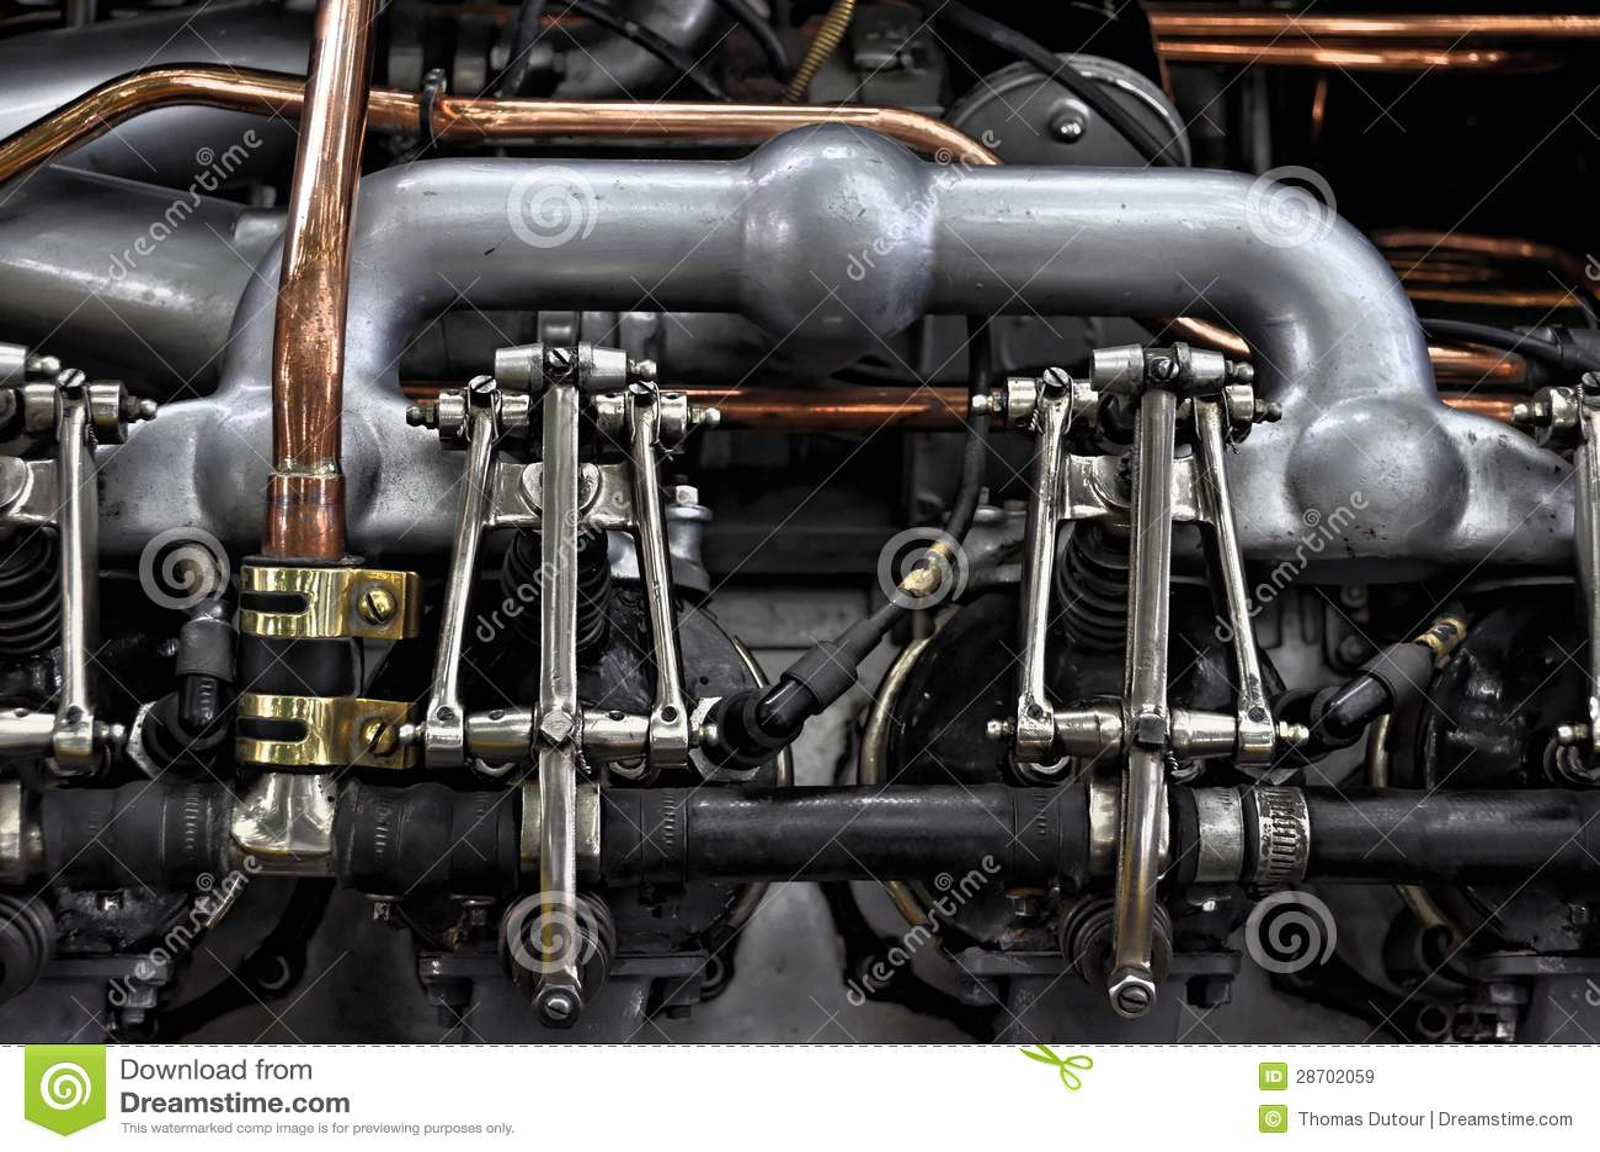 Vintage car engine stock image. Image of old, vintage - 28702059